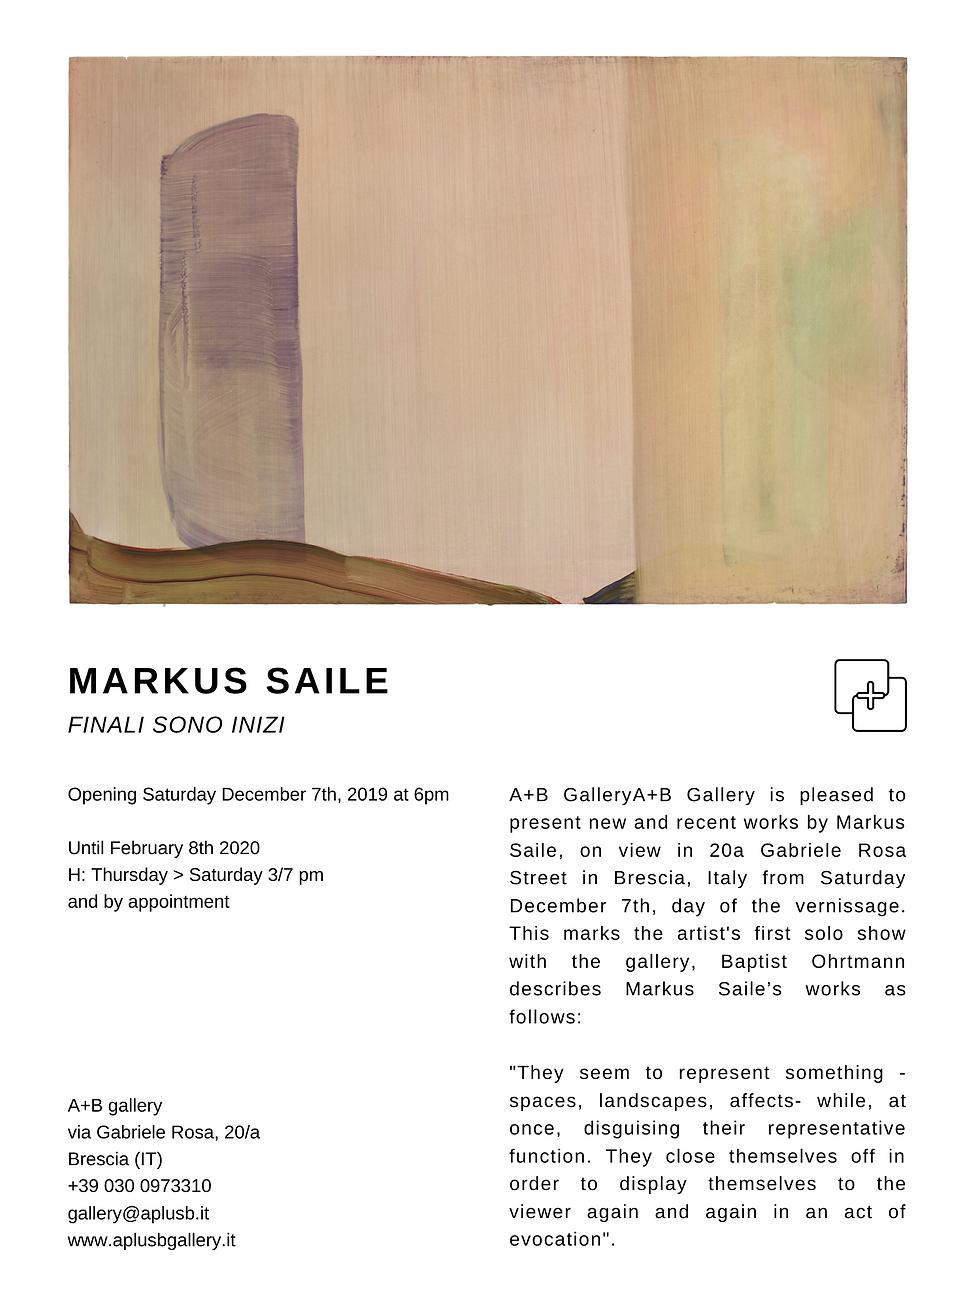 Markus Saile, A+B Gallery Brescia, Italy